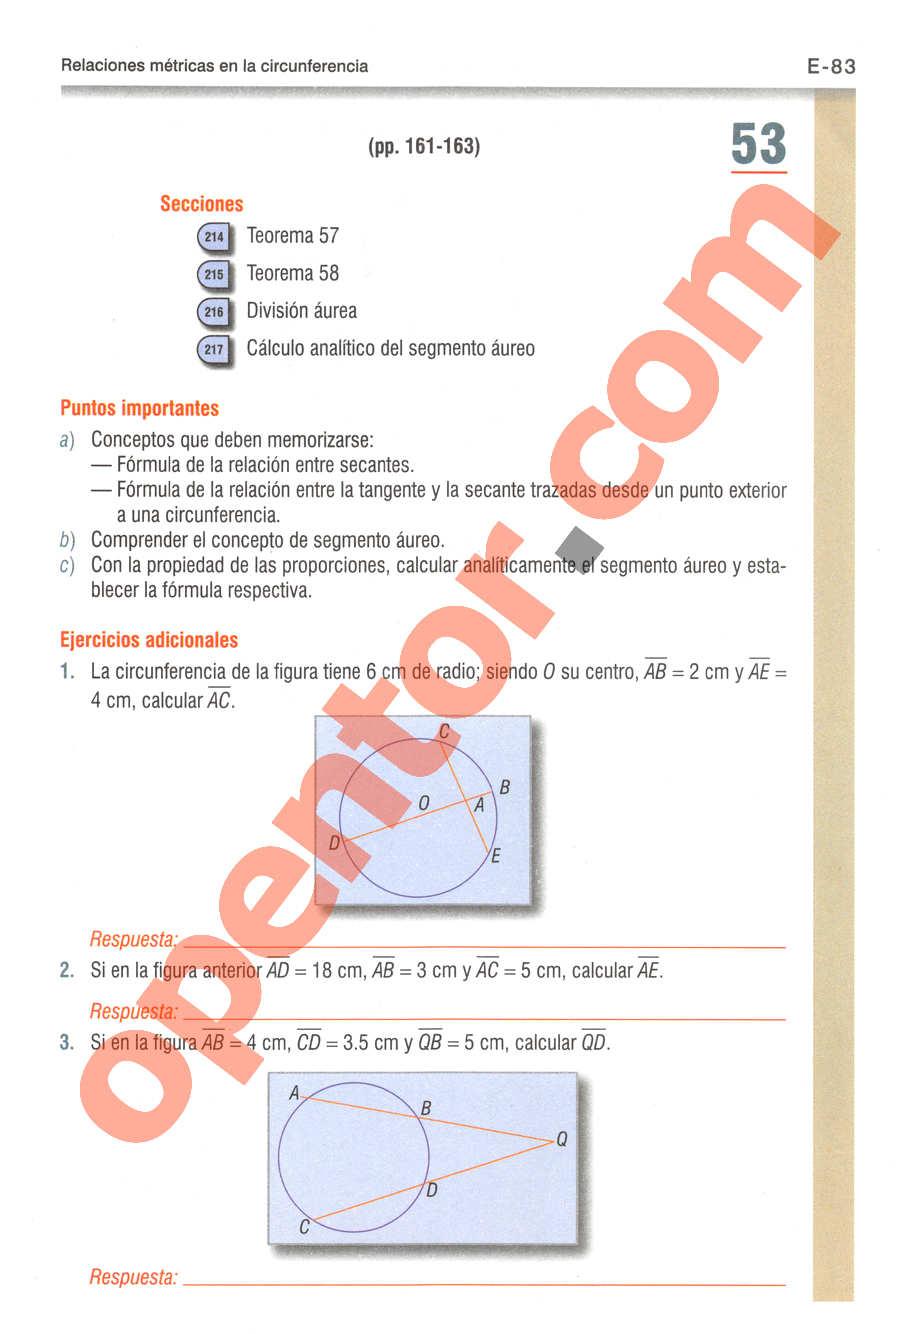 Geometría y Trigonometría de Baldor - Página E83